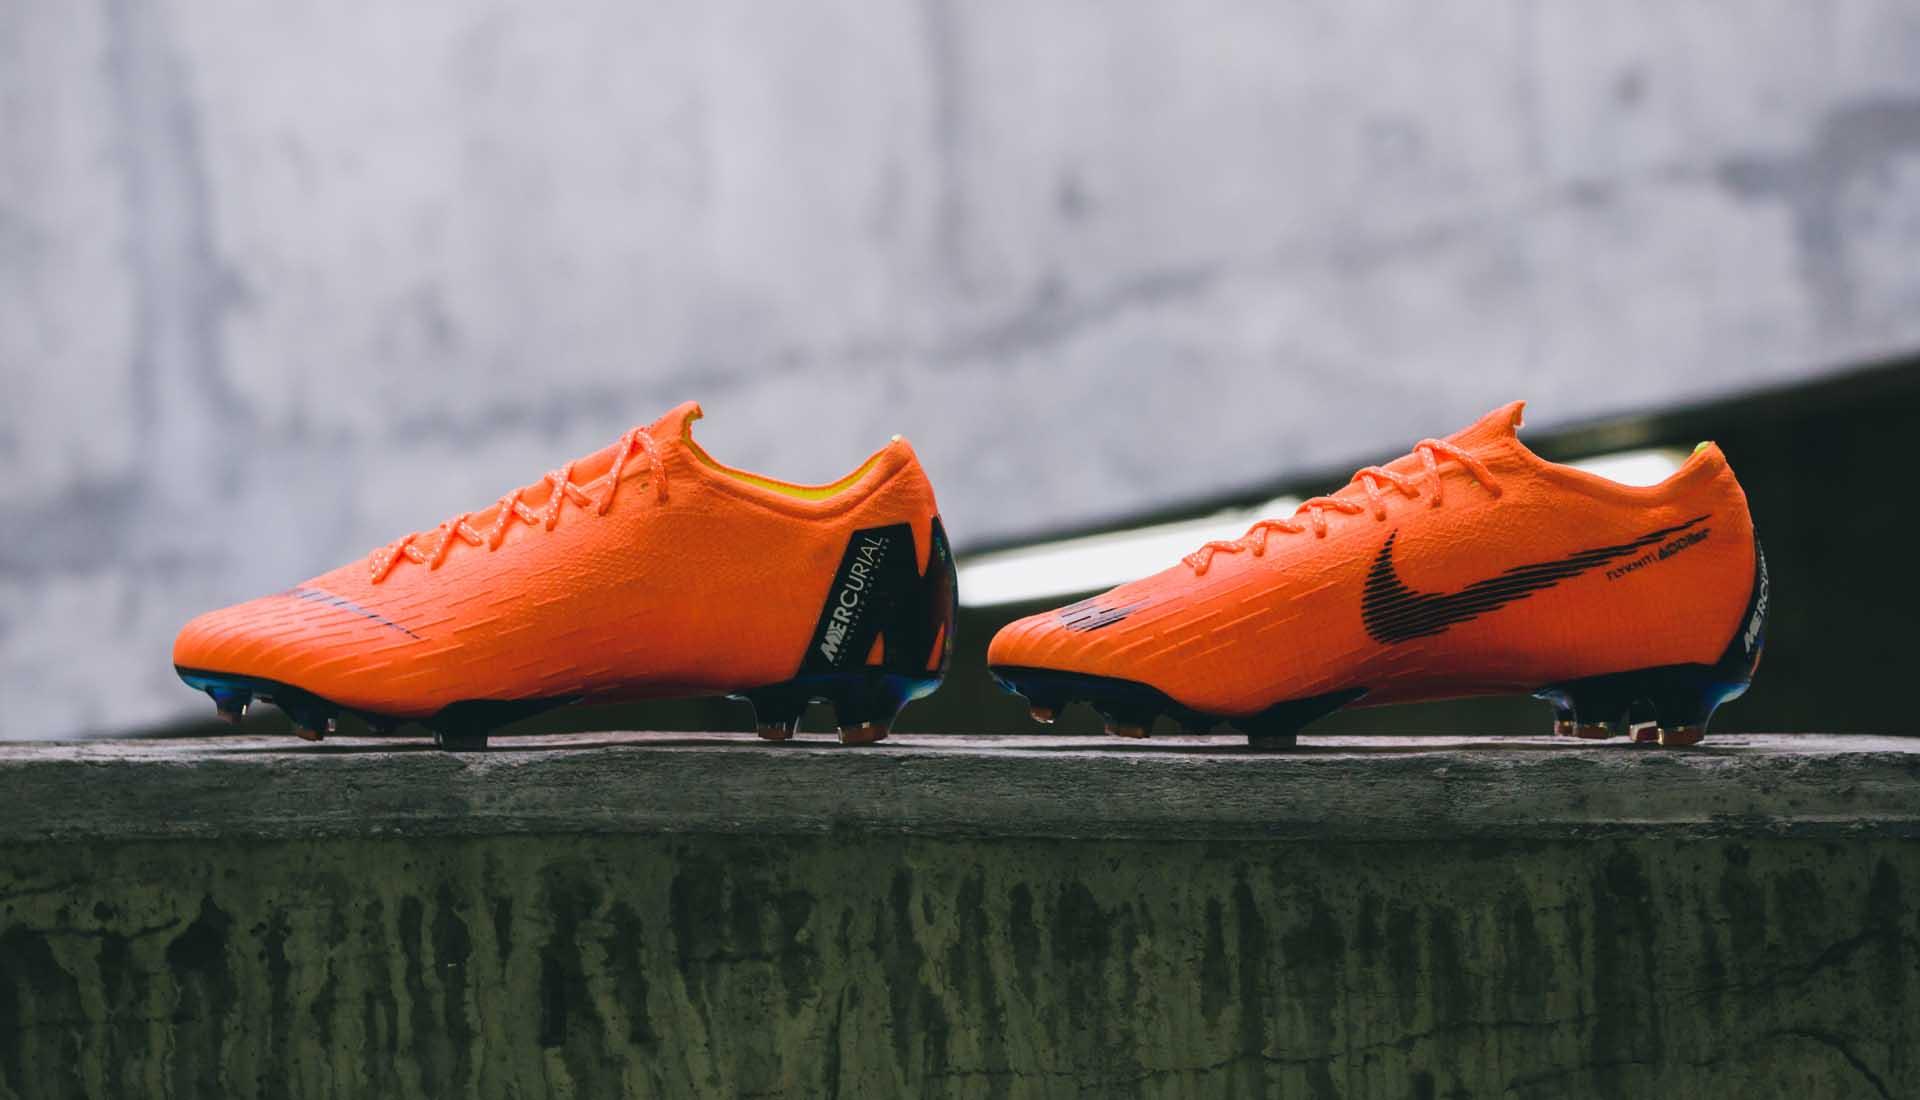 Giày Nike Mercurial Vapor 12 (XII) được ra mắt năm 2018